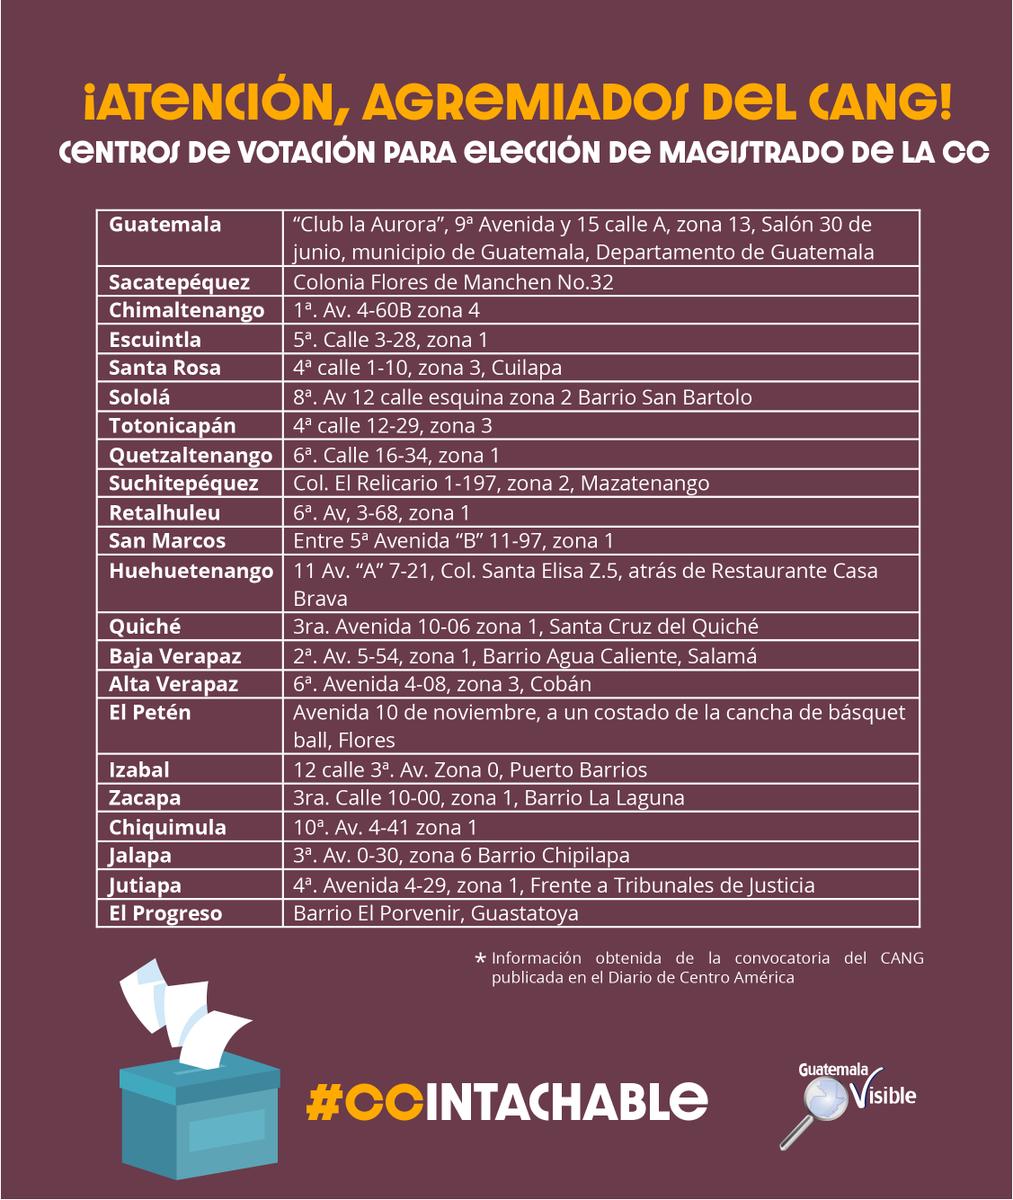 #CCIntachable ¡Atención, abogados, politólogos, internacionalistas y sociólogos! Compartimos los centros de votación para elección de magistrado de la  @CC_Guatemala #EleccionesVisibles